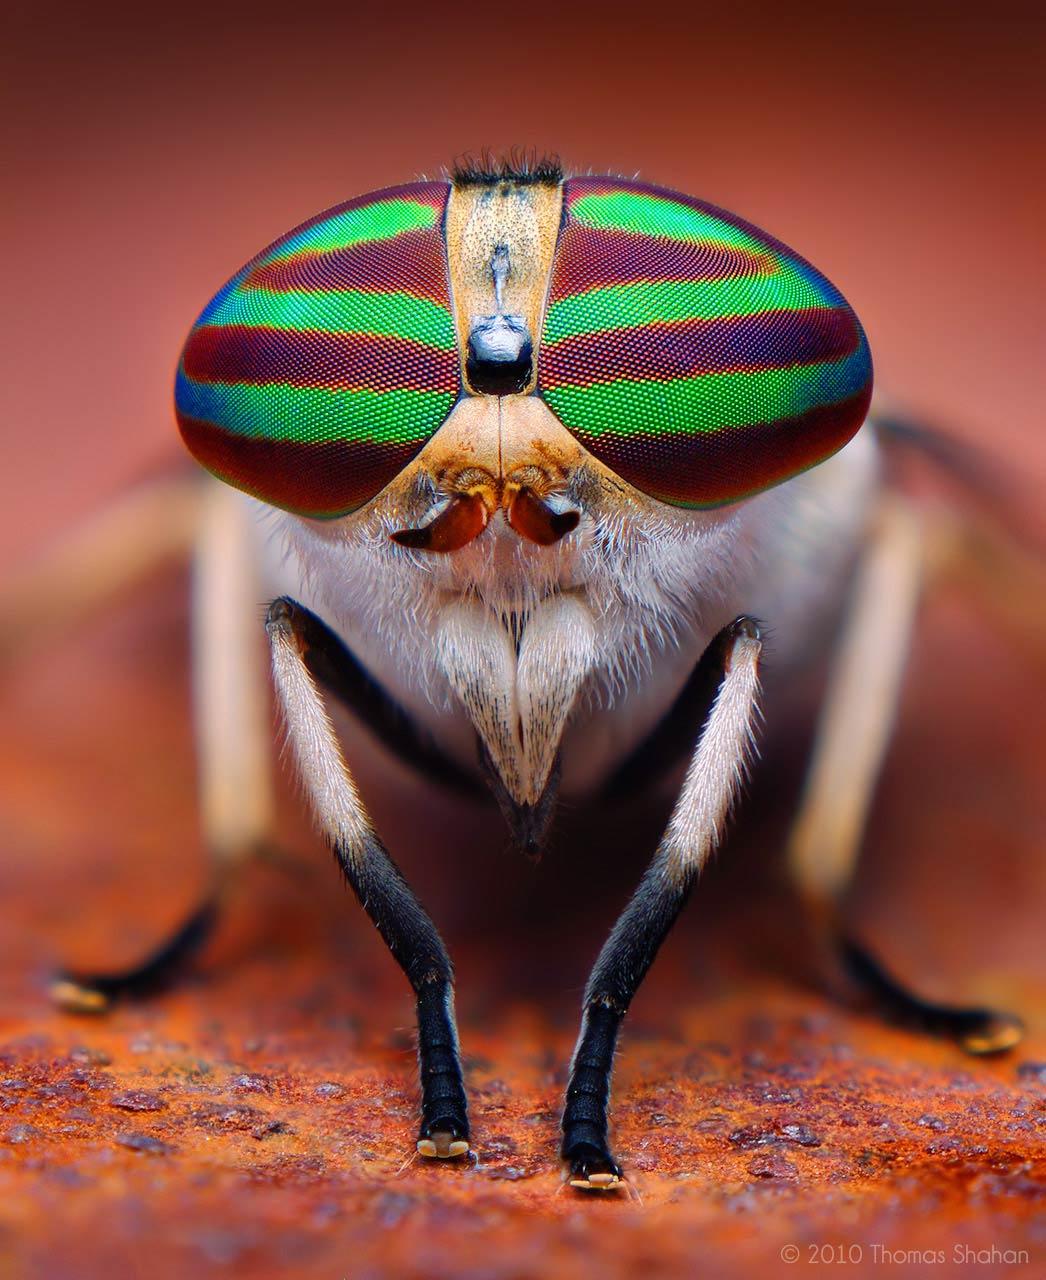 horsefly, by thomas shahan